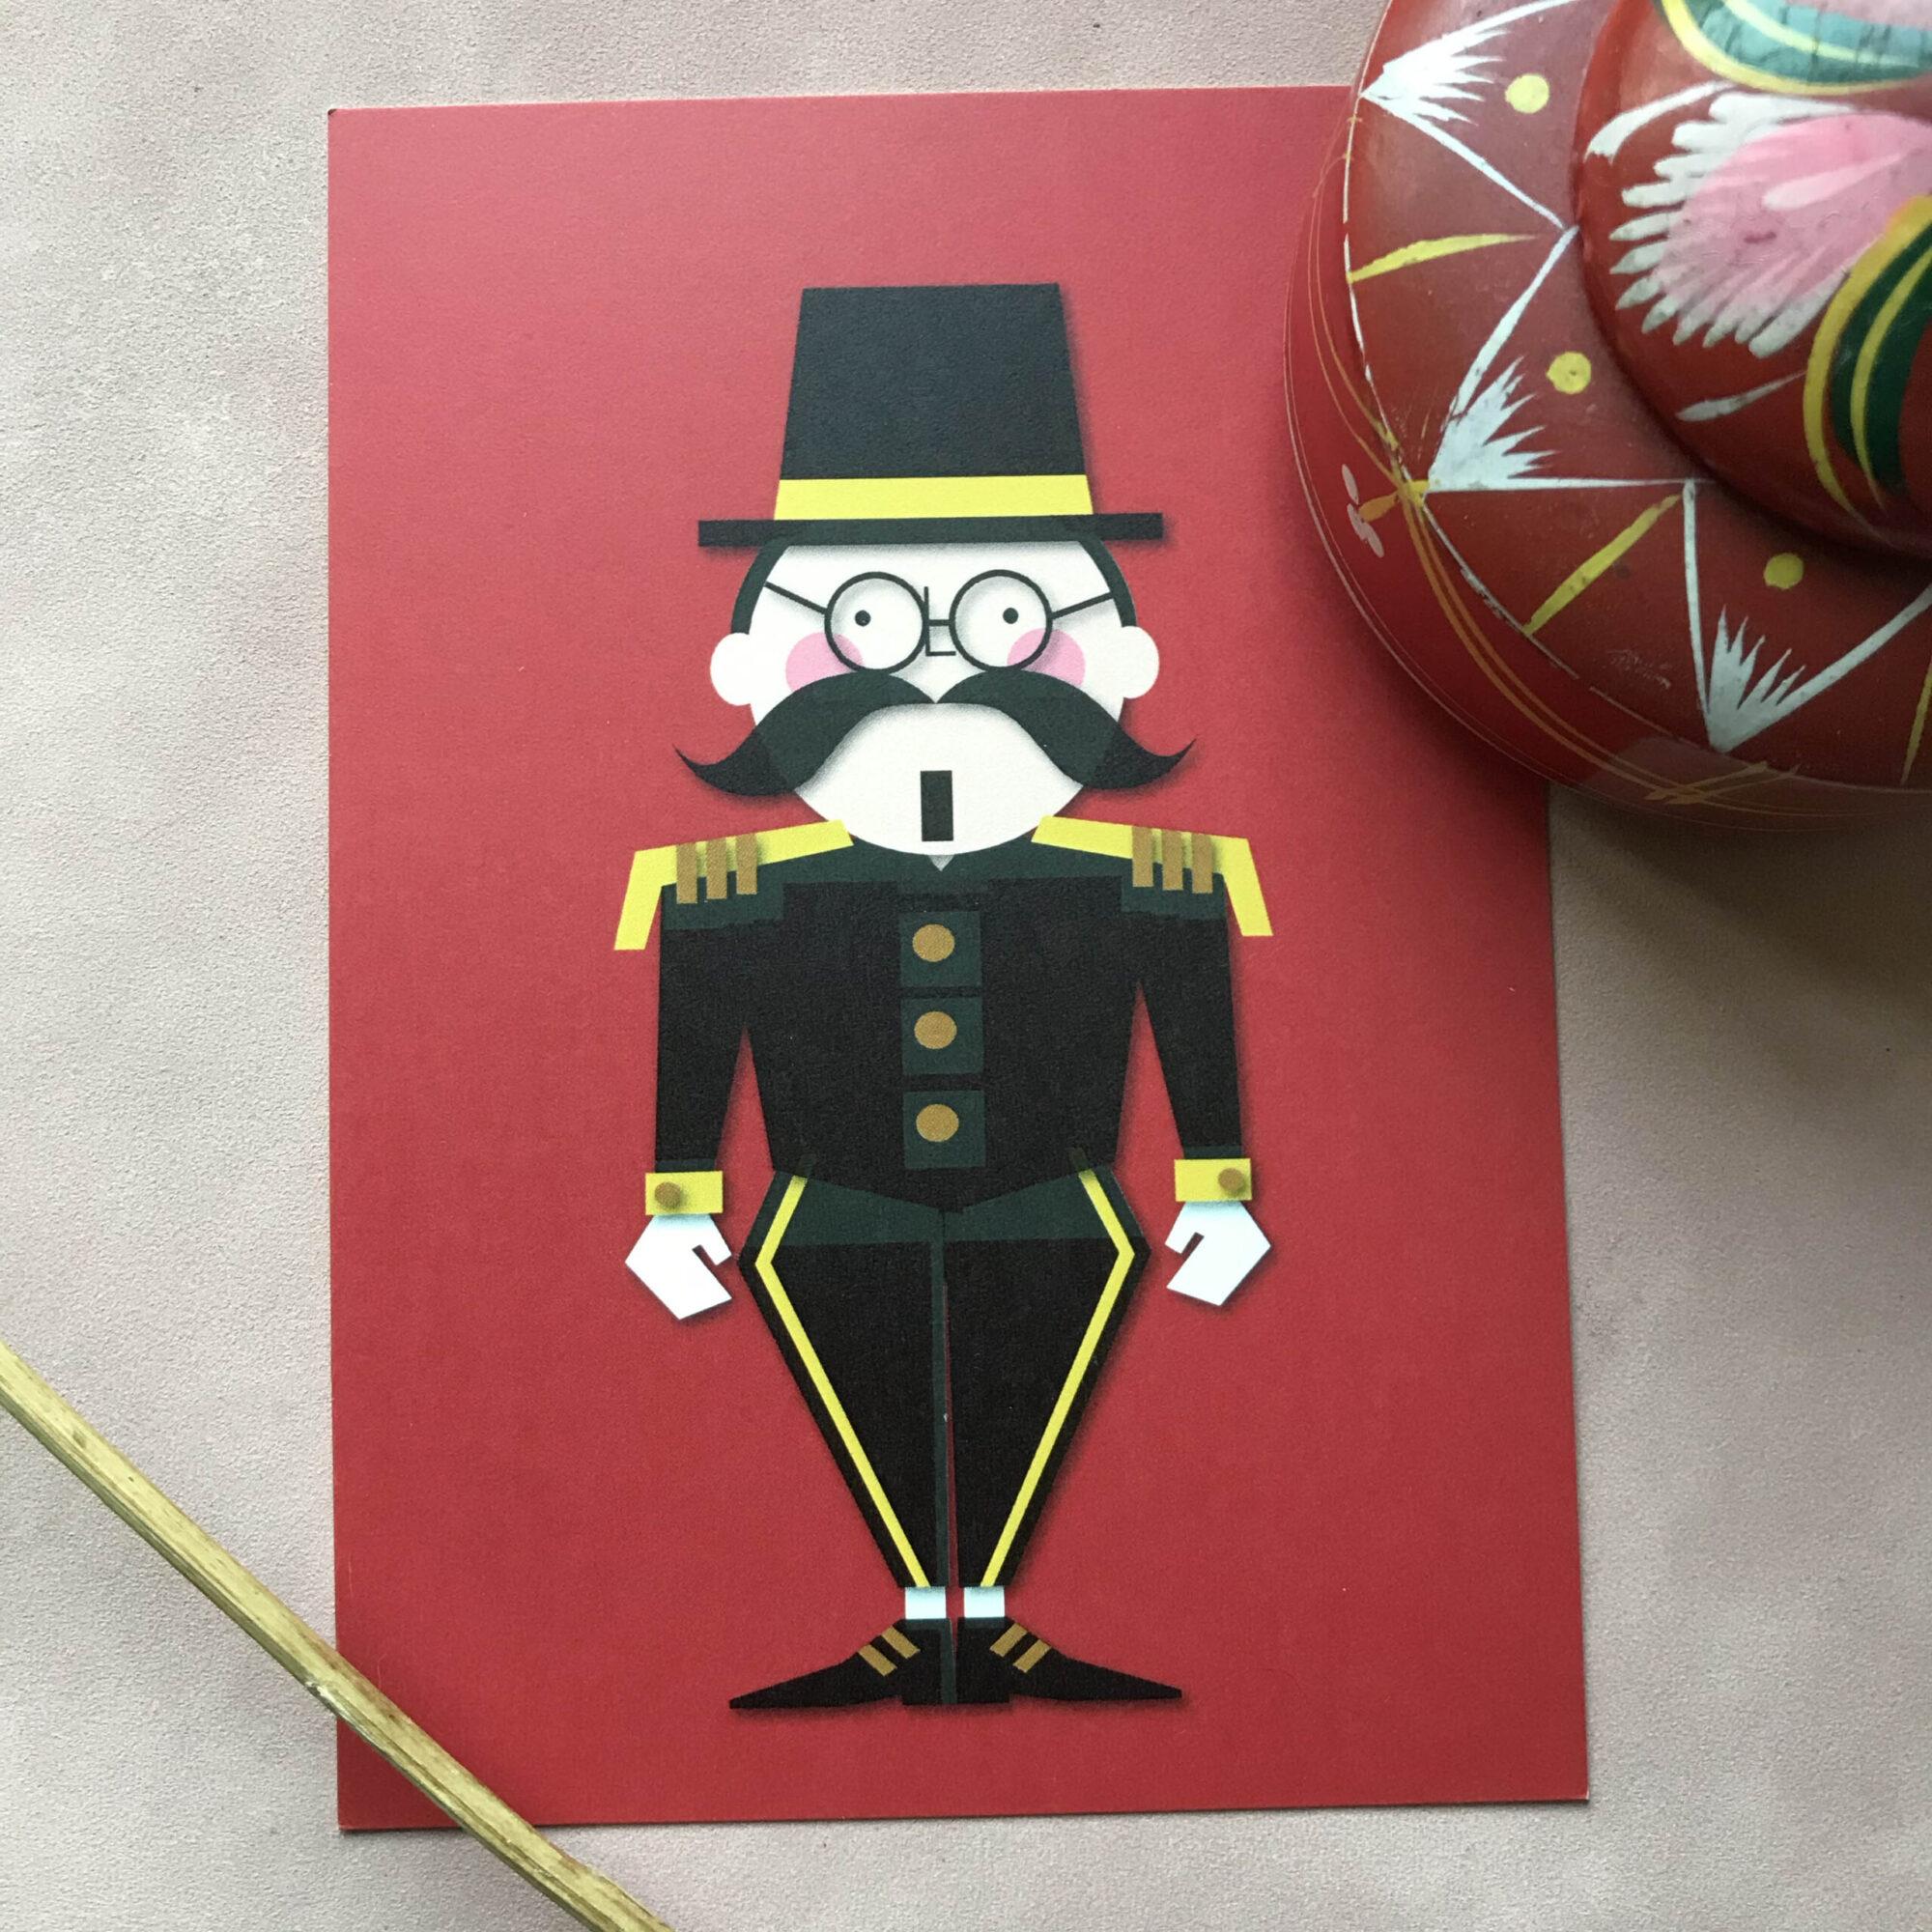 Spreekstalmeester - Jetske Kox Illustraties - Vrolijke posters, prints en ansichtkaarten